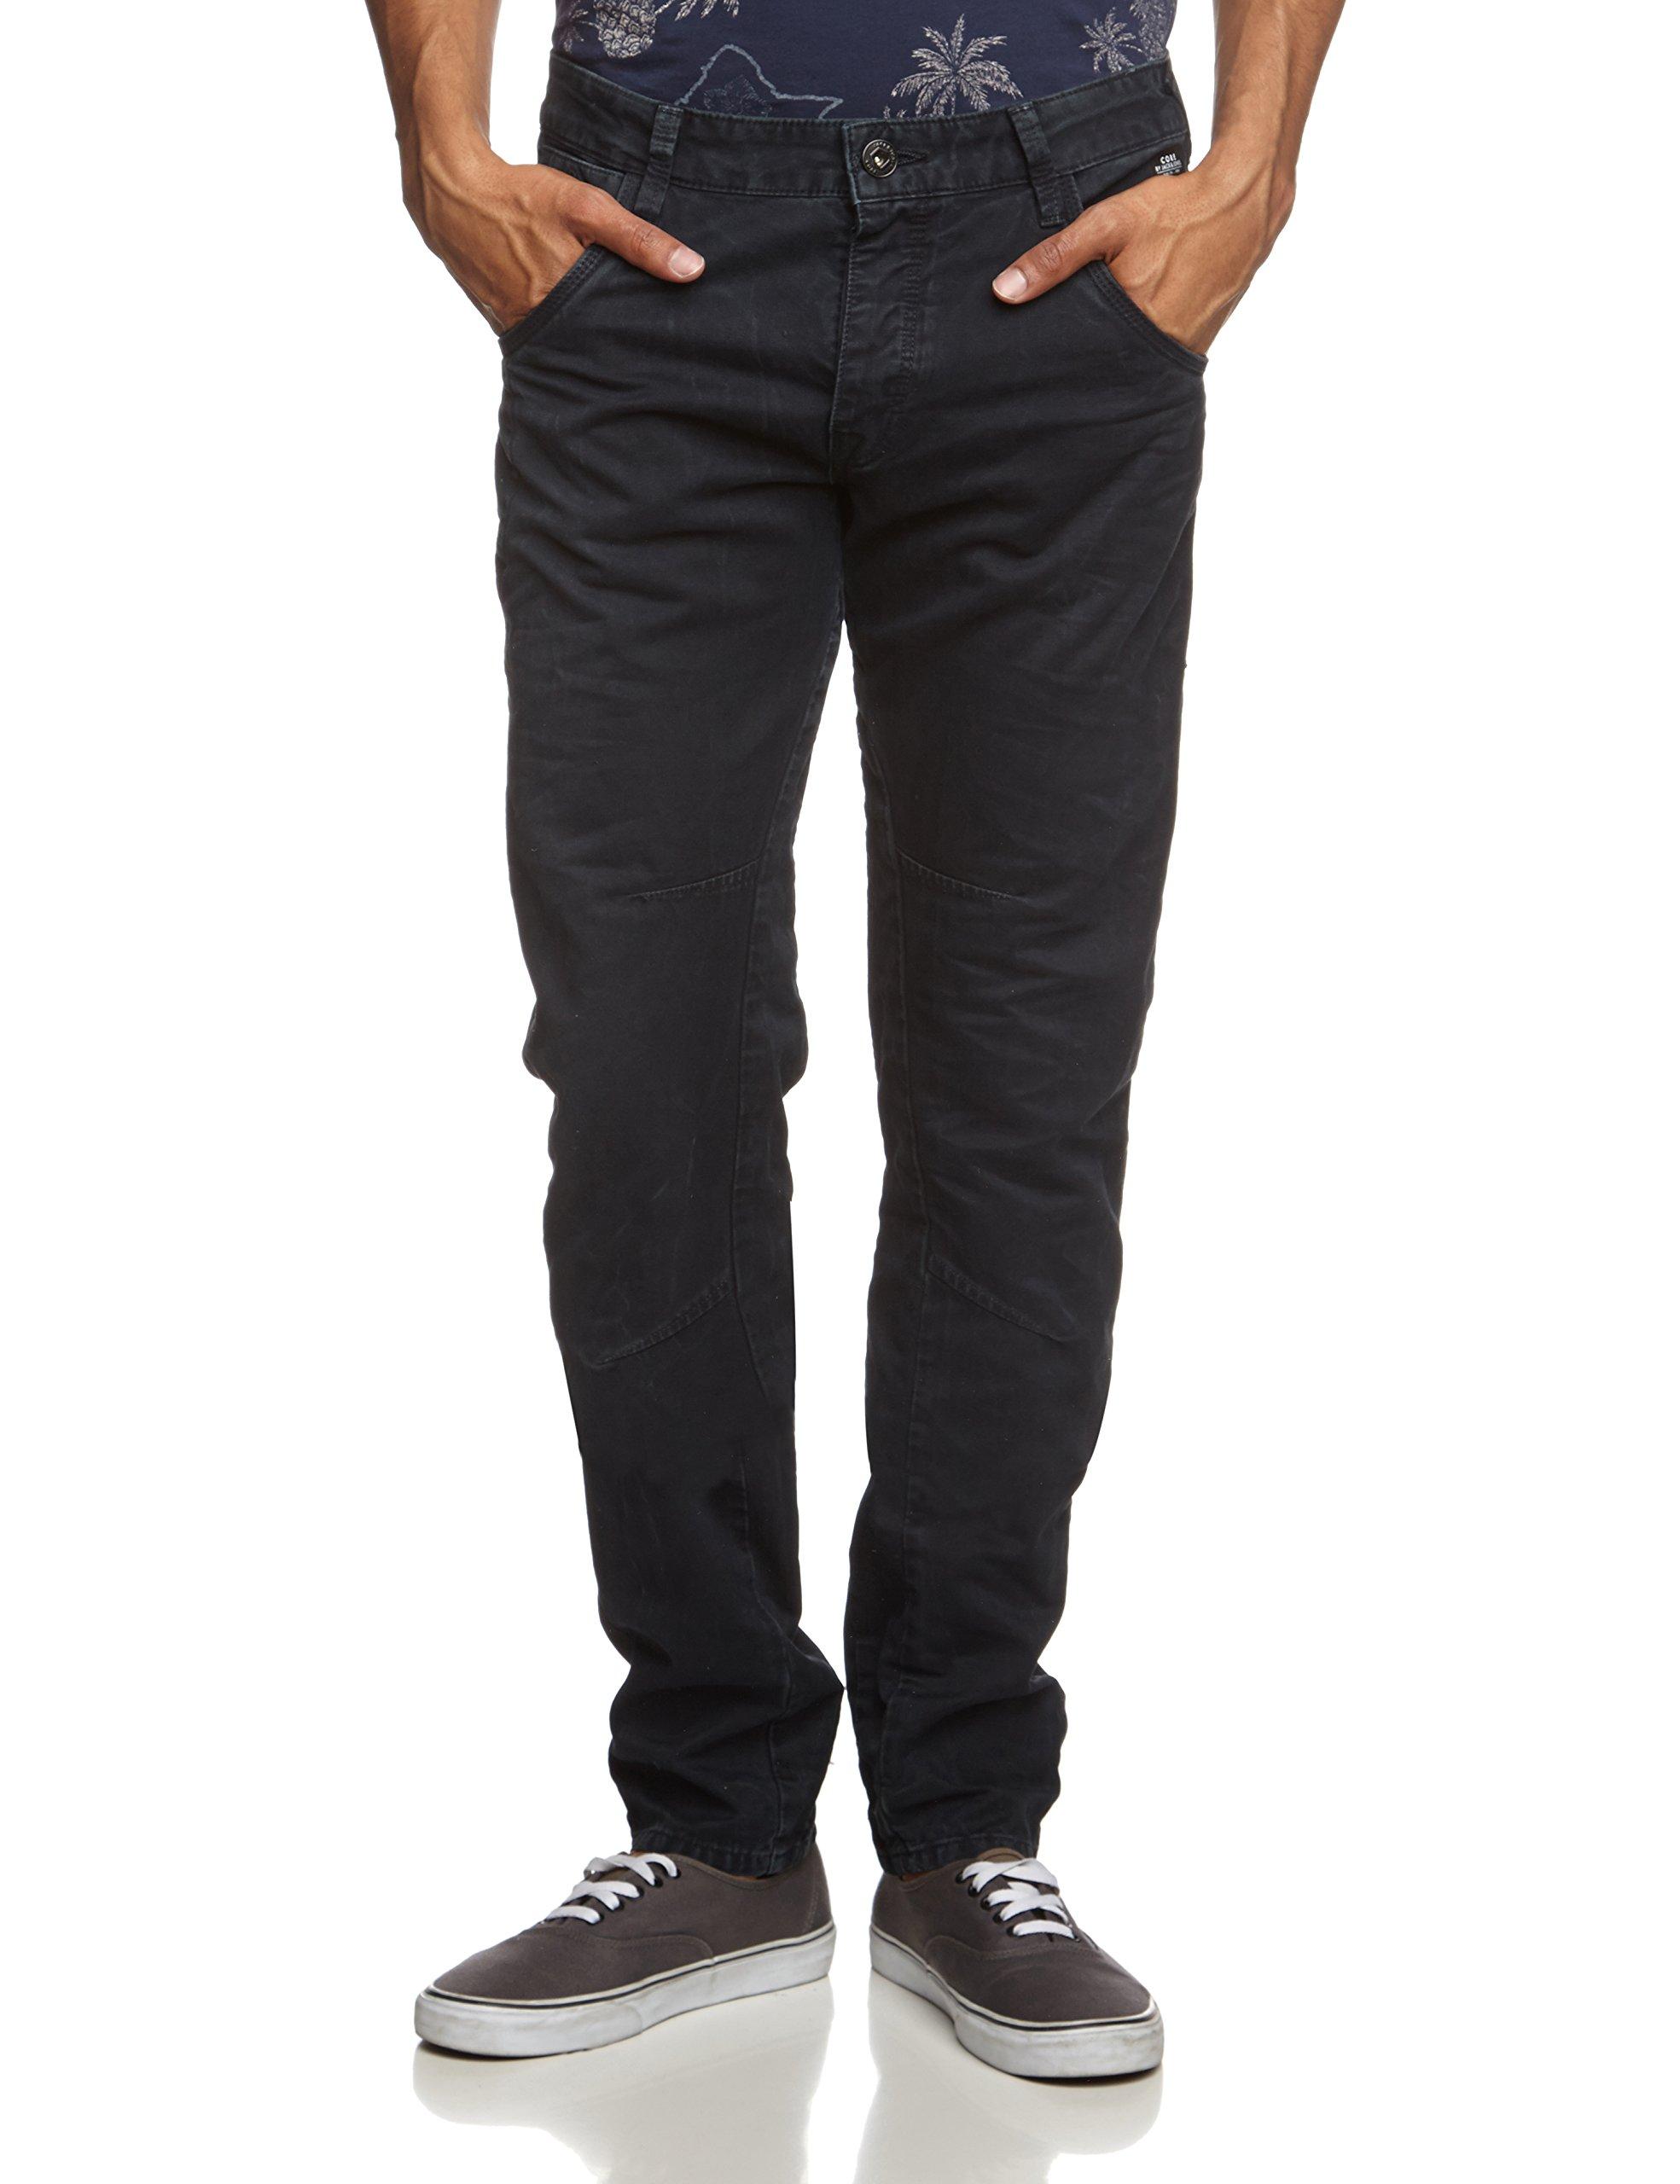 JonesJeans Jackamp; W32 Homme Relaxed l36 Bleu R5ALc4jS3q